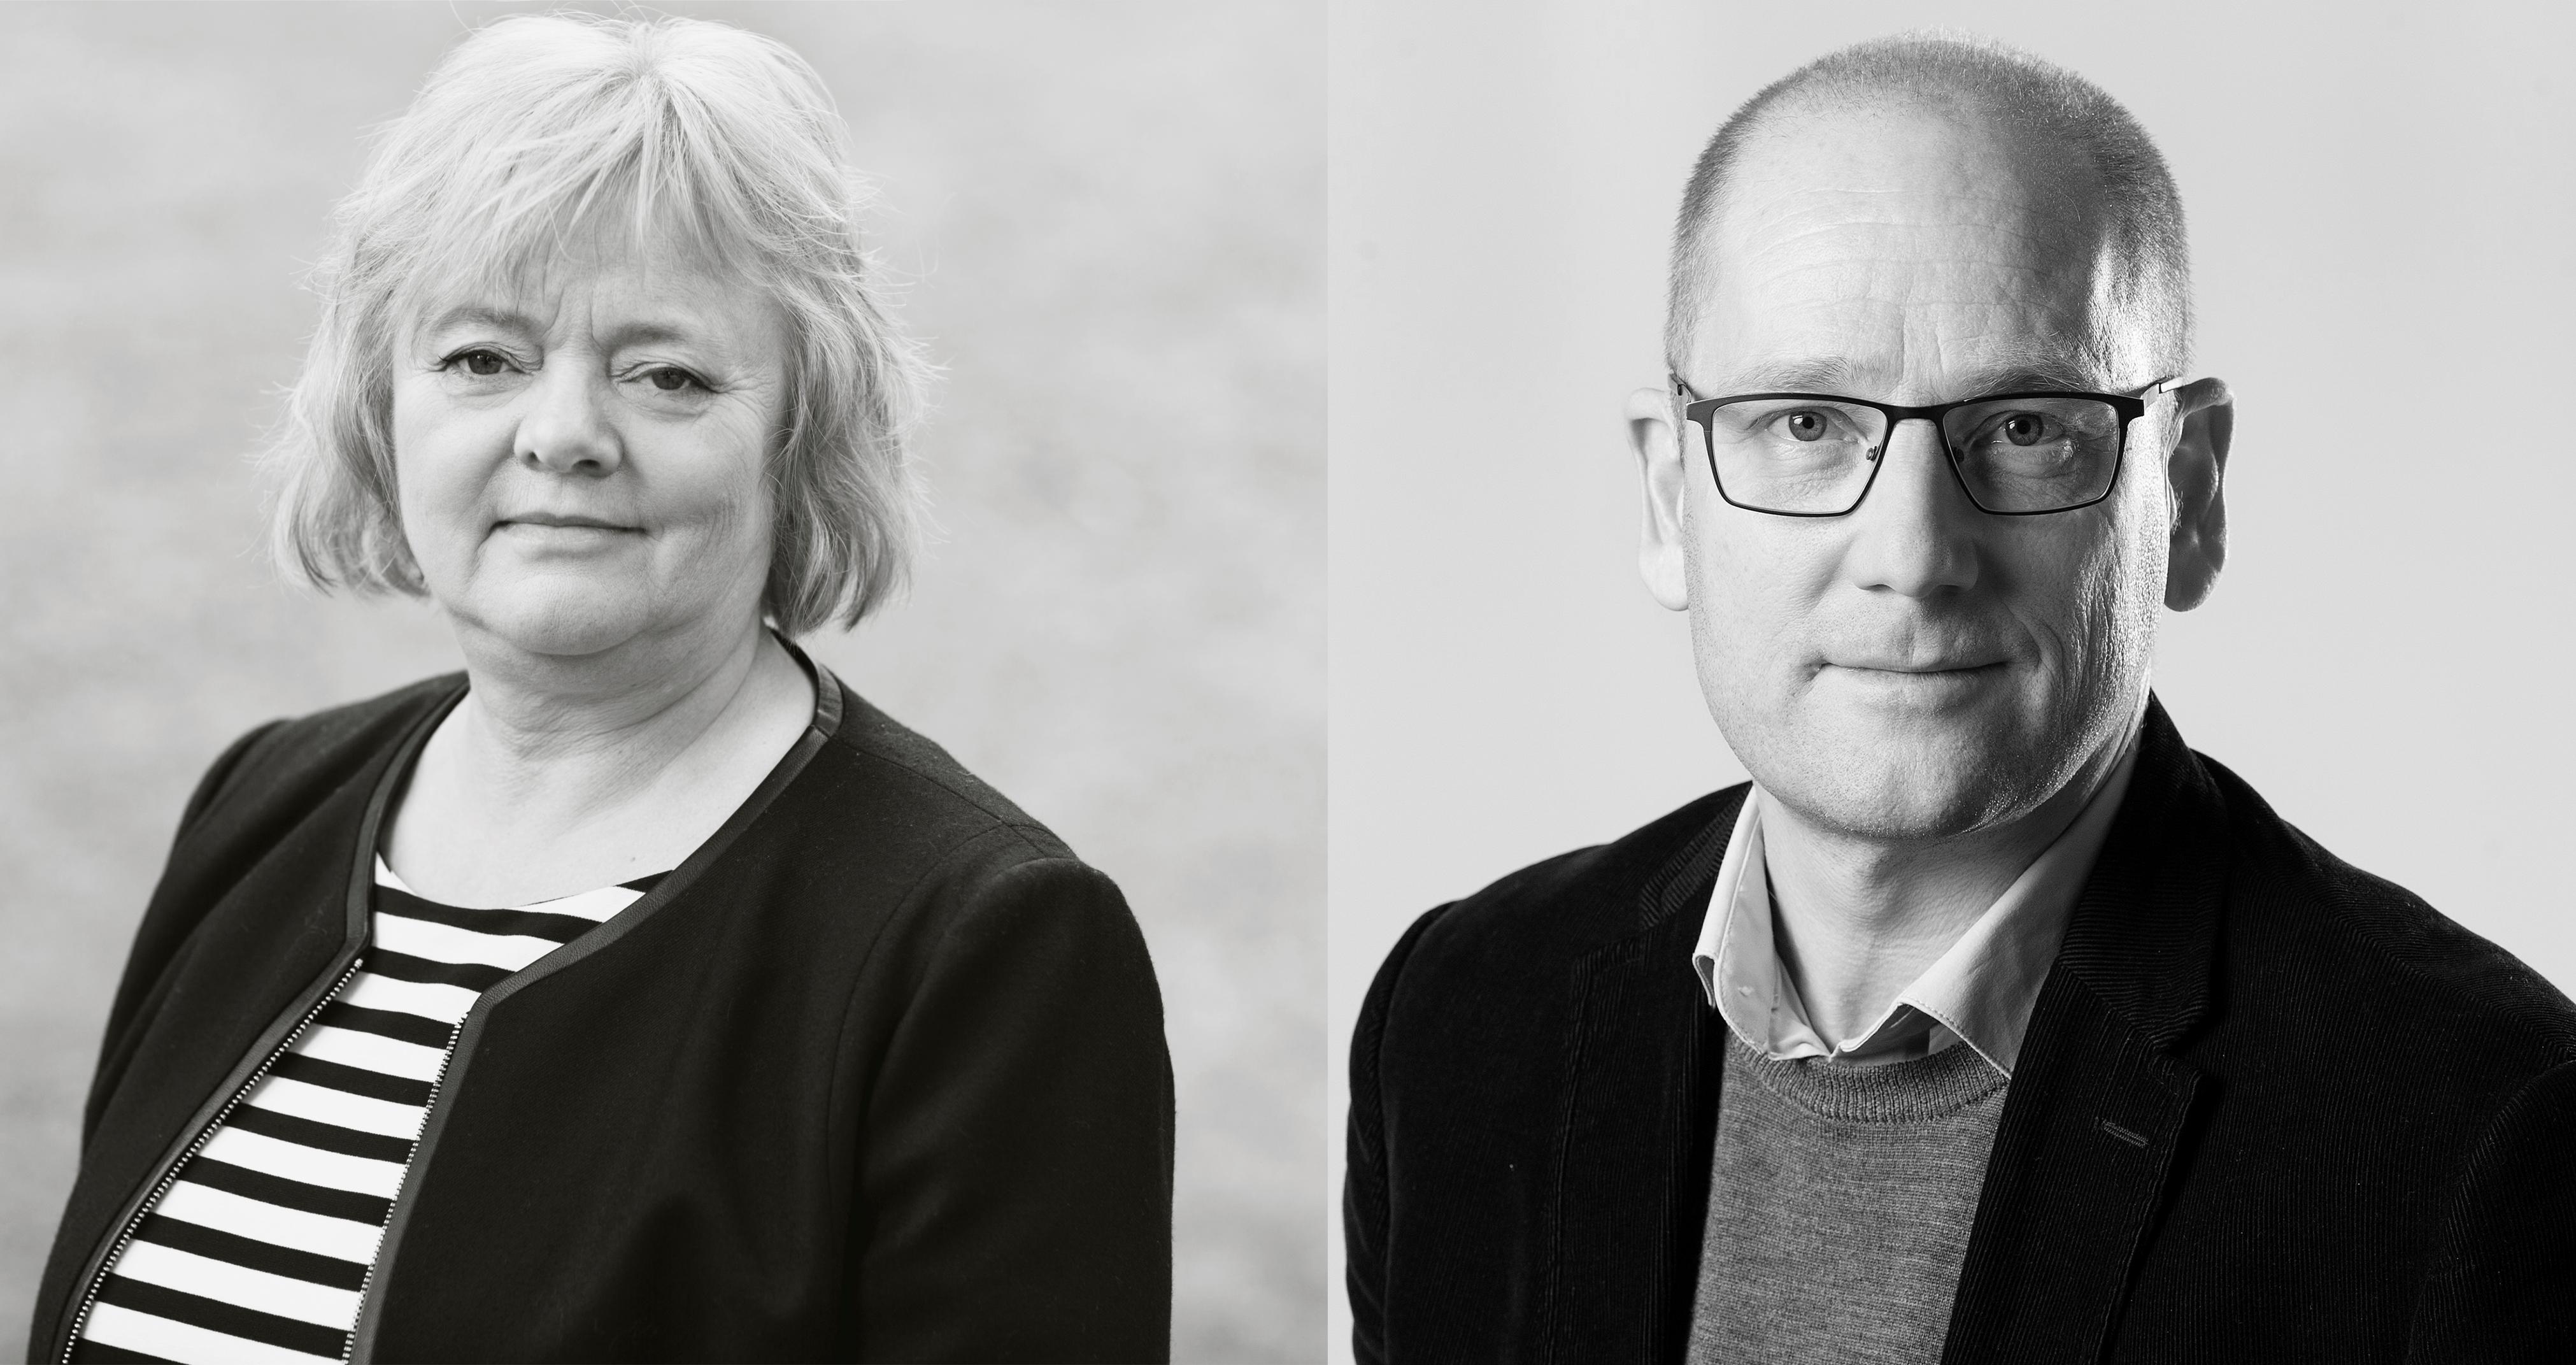 BEKYMRET: Mimmi Kvisvik (FO) og Steffen Handal (Utdanningsforbundet) ber de tillitsvalgte stå opp for de mest sårbare